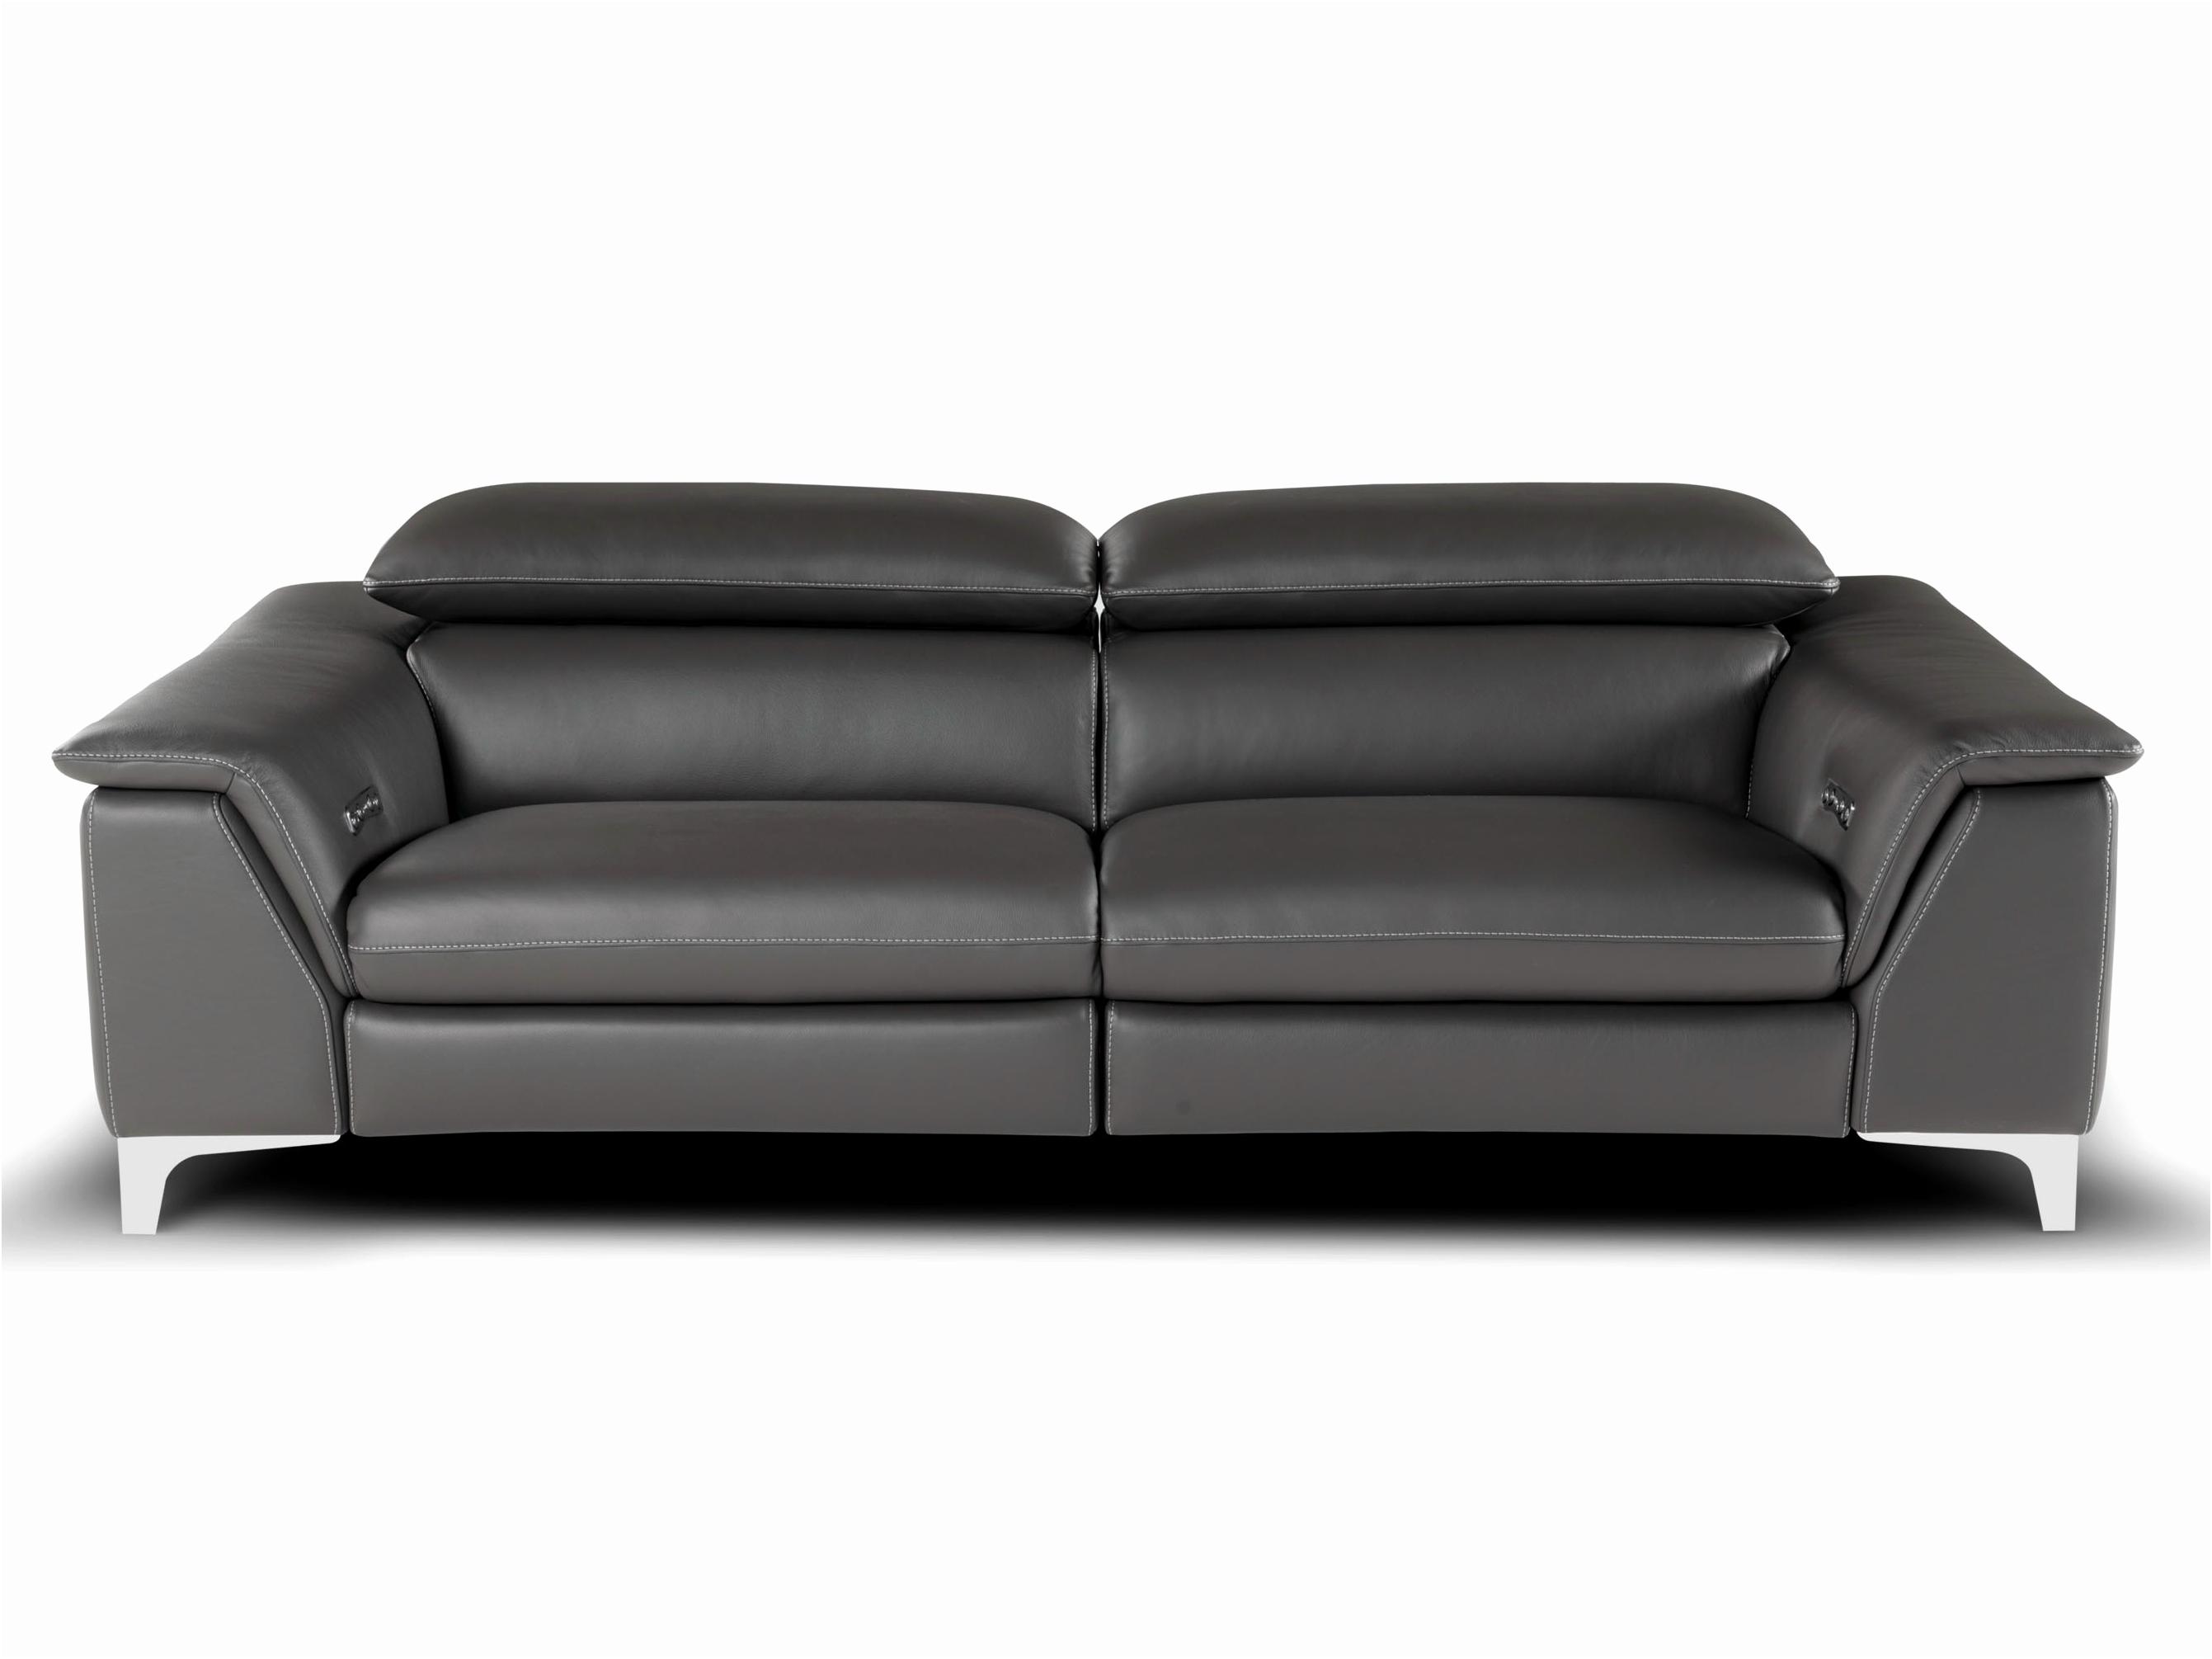 Berkline Sofas With Regard To Current Unique Berkline Leather Sofa Elegant – Intuisiblog (View 3 of 20)